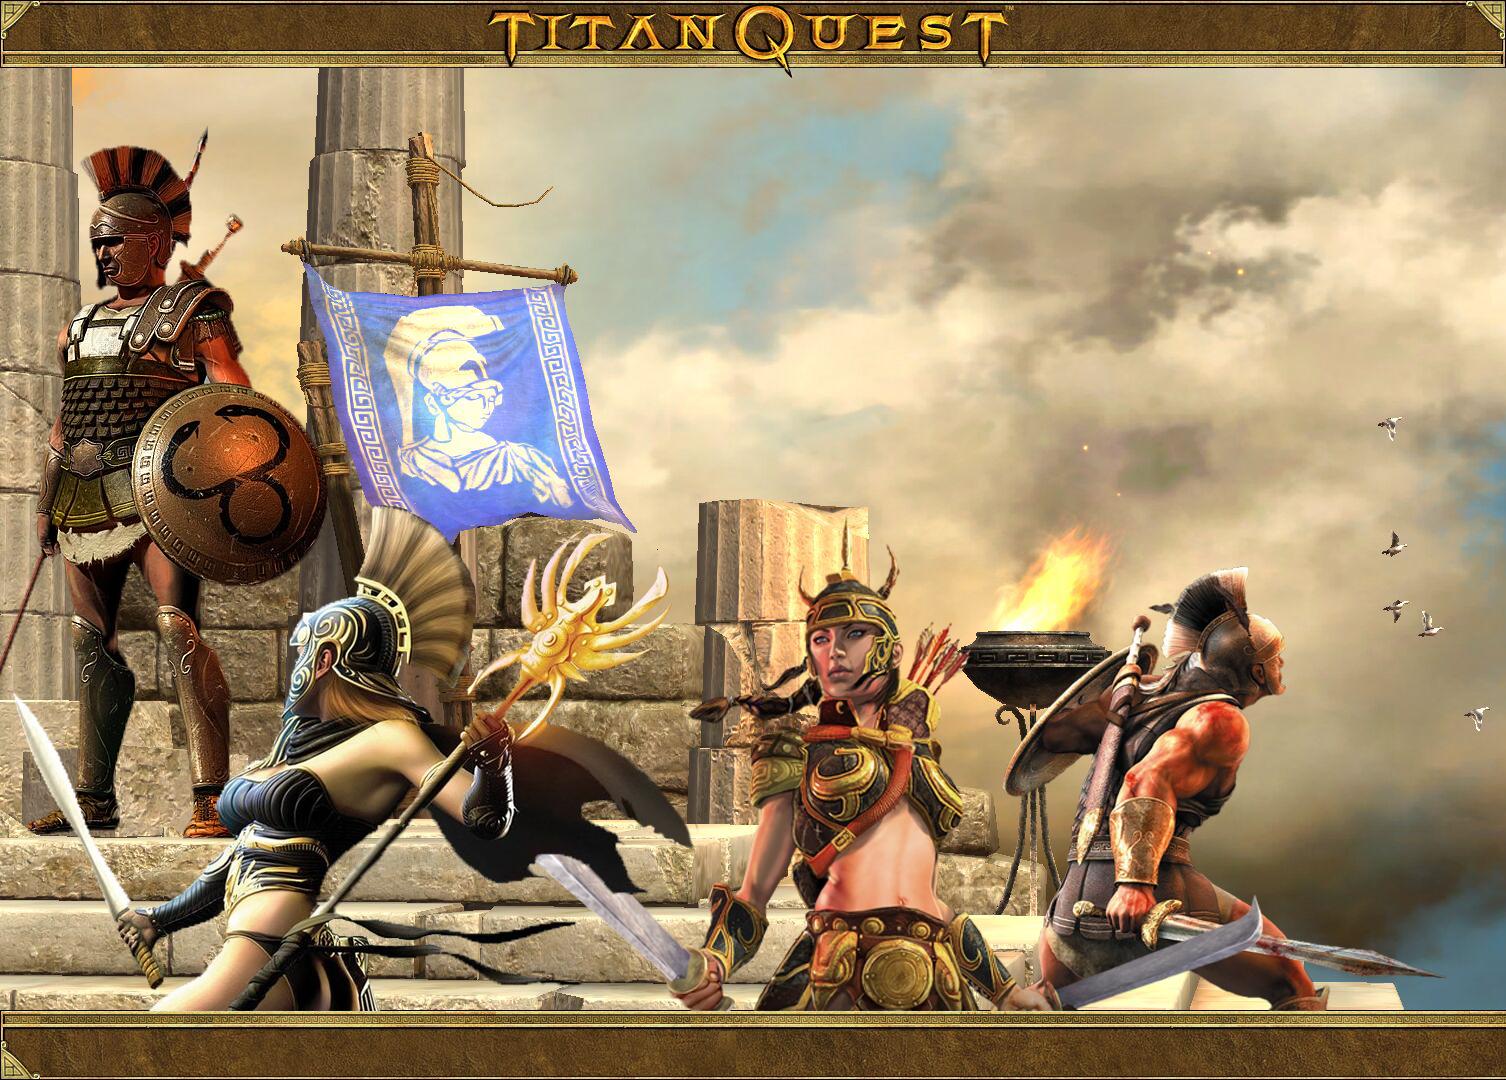 Titan Quest YT Logo by krysztalzg on DeviantArt